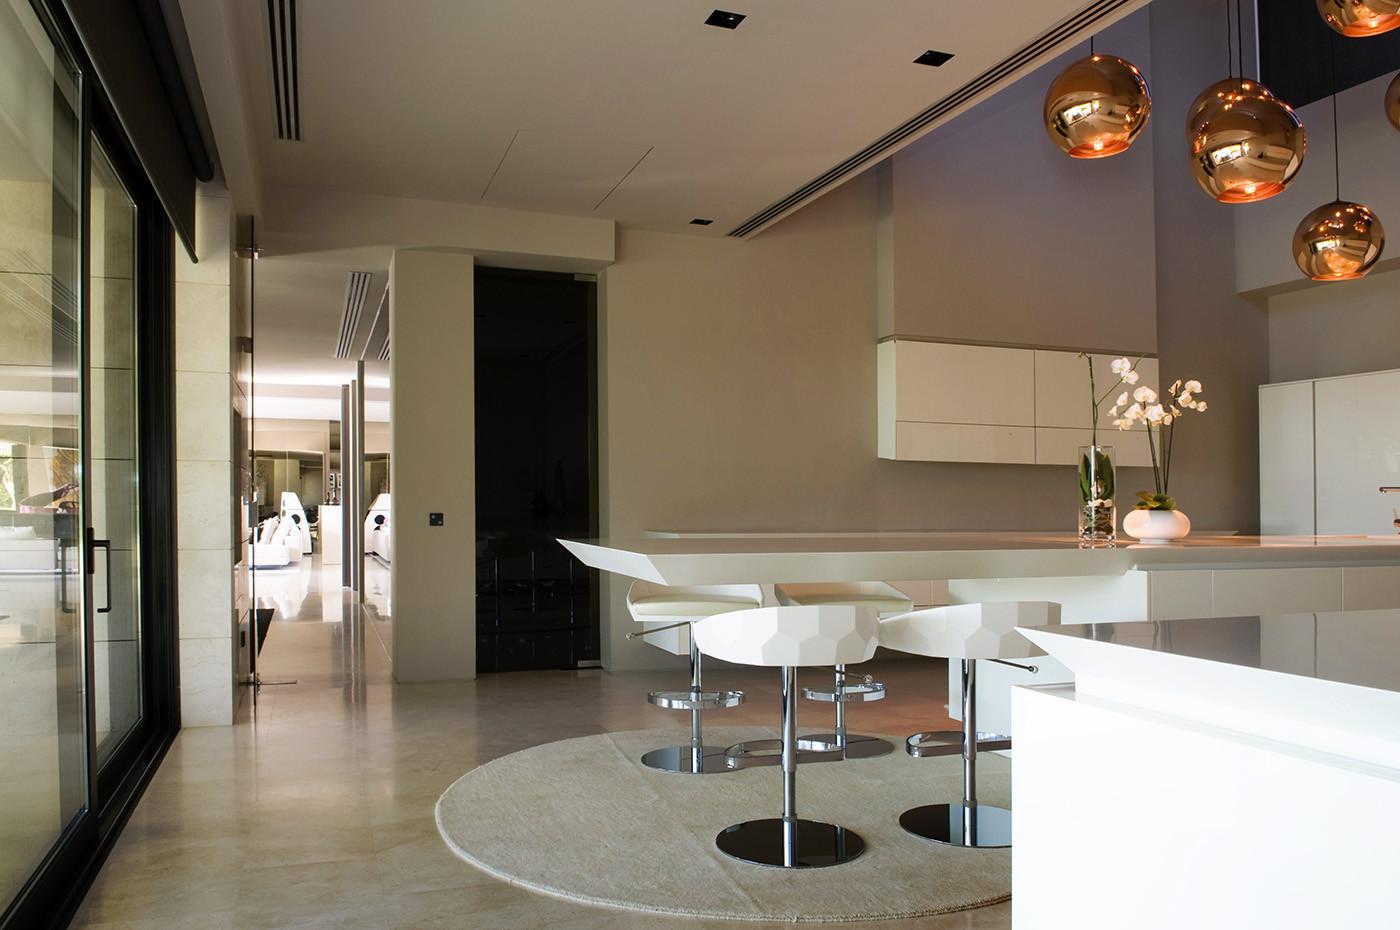 824 - Espectacular, imponente y lujosa casa de diseño en Puerto Banús (Marbella, Costa del Sol)